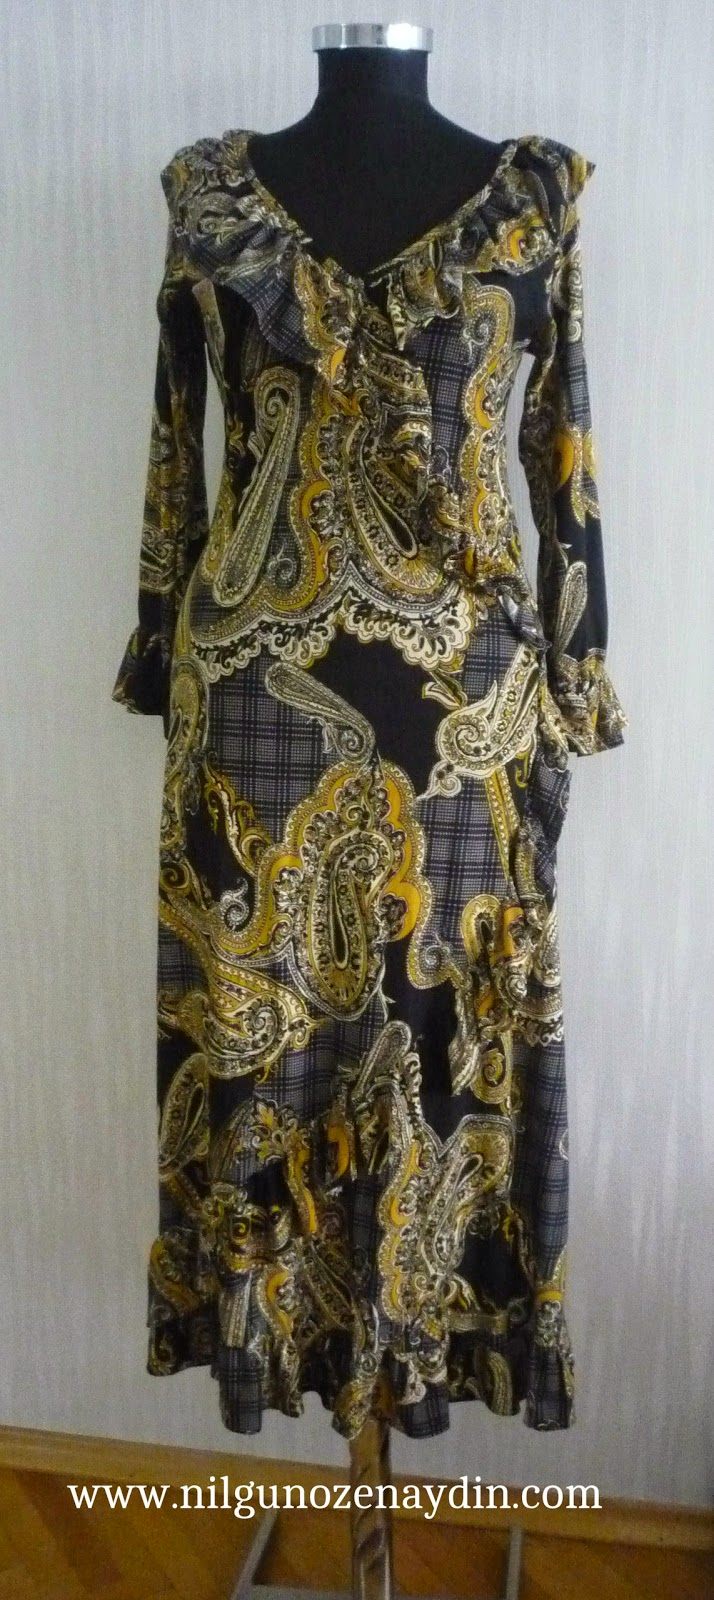 nilgunozenaydin.com-fırfırlı elbise-fırfırlı elbise dikimi